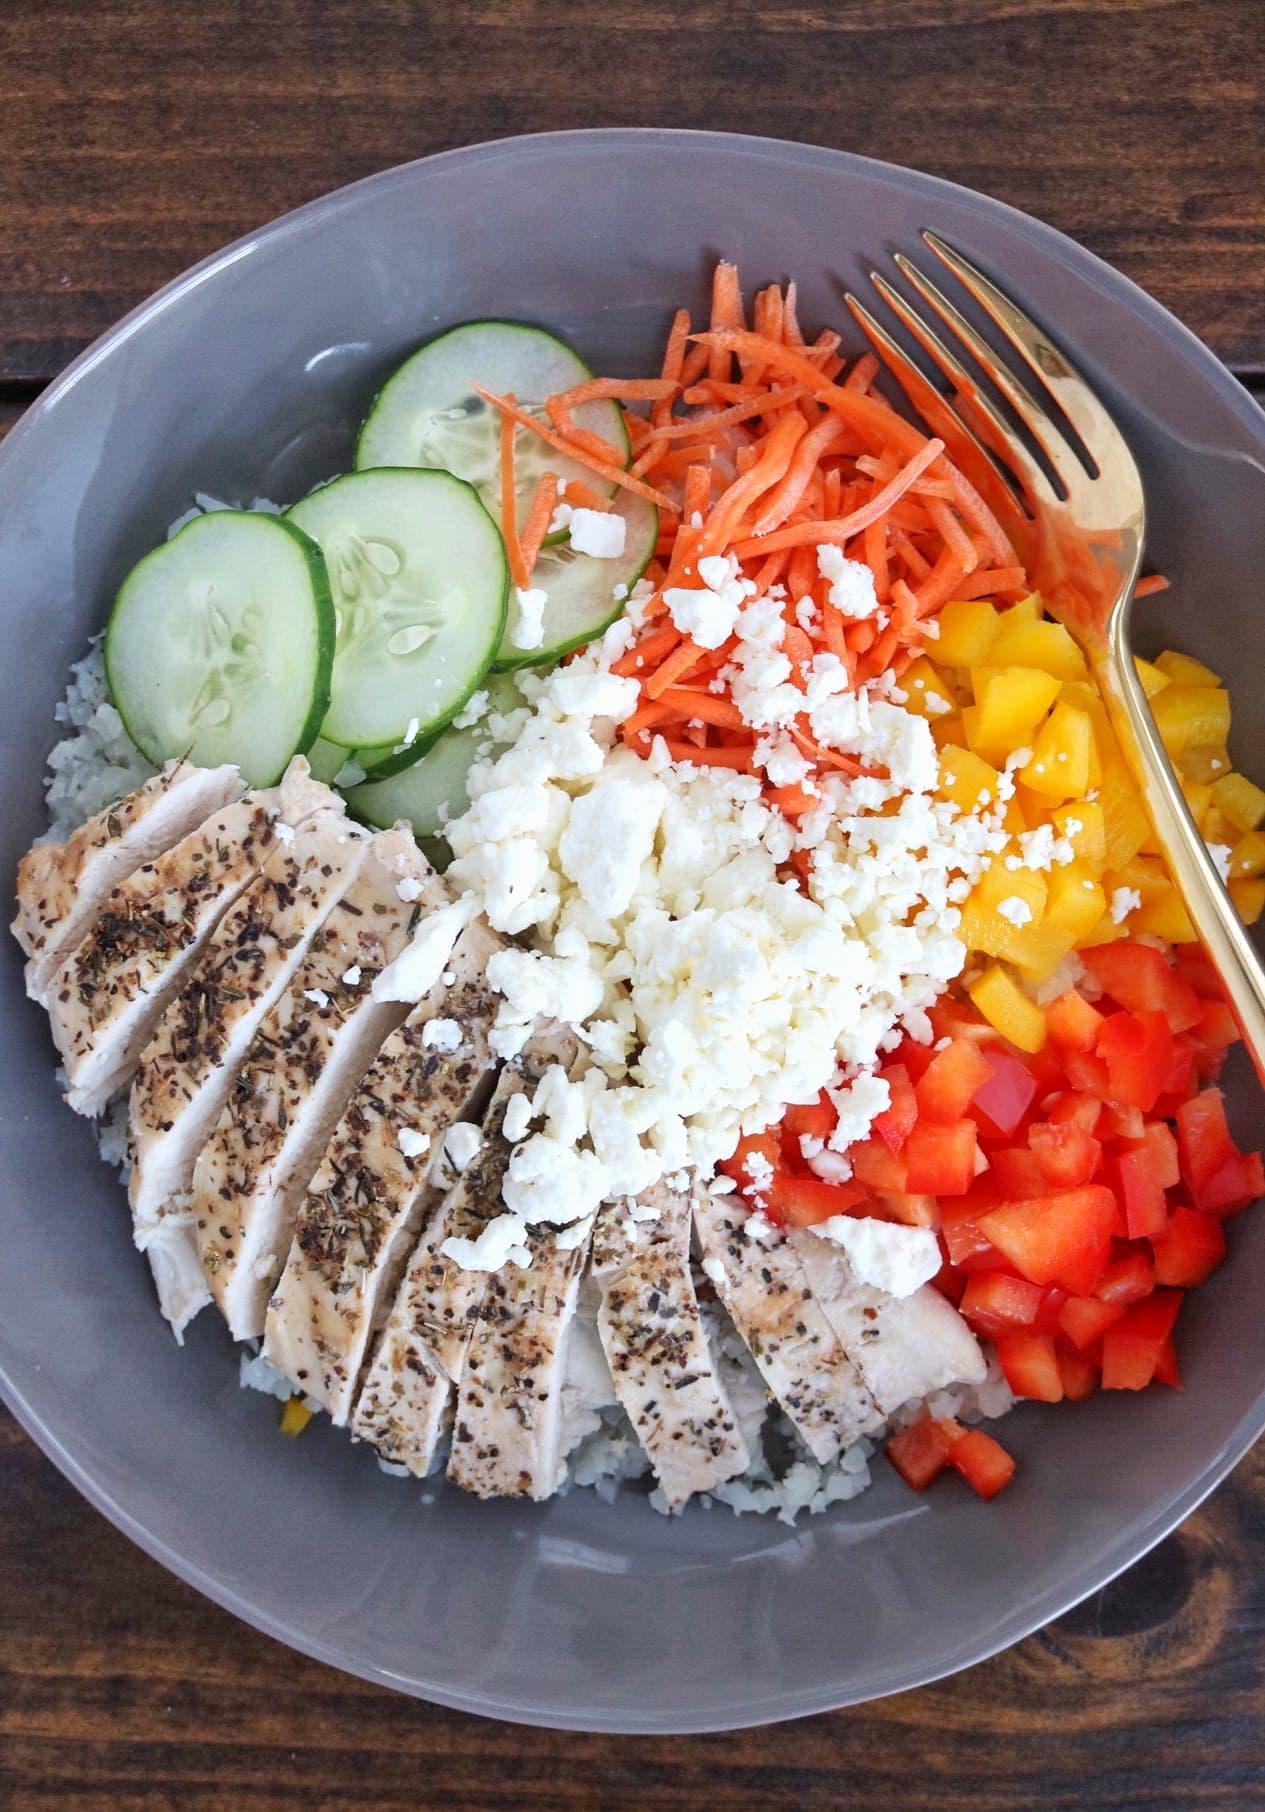 Greek Chicken Cauliflower Rice Bowl The Nutrition Adventure